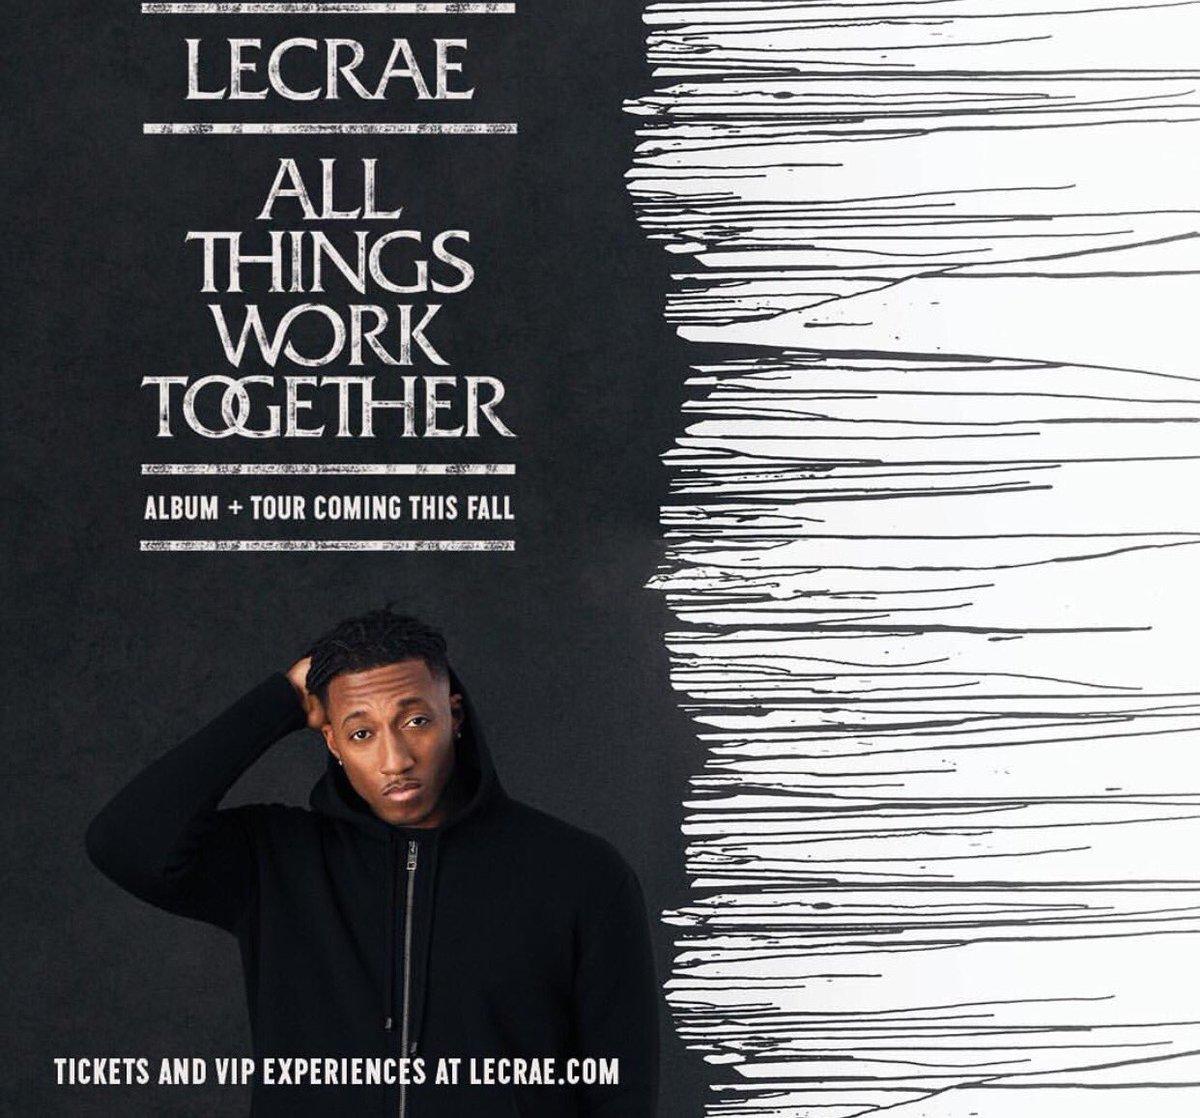 Lecrae on Twitter: